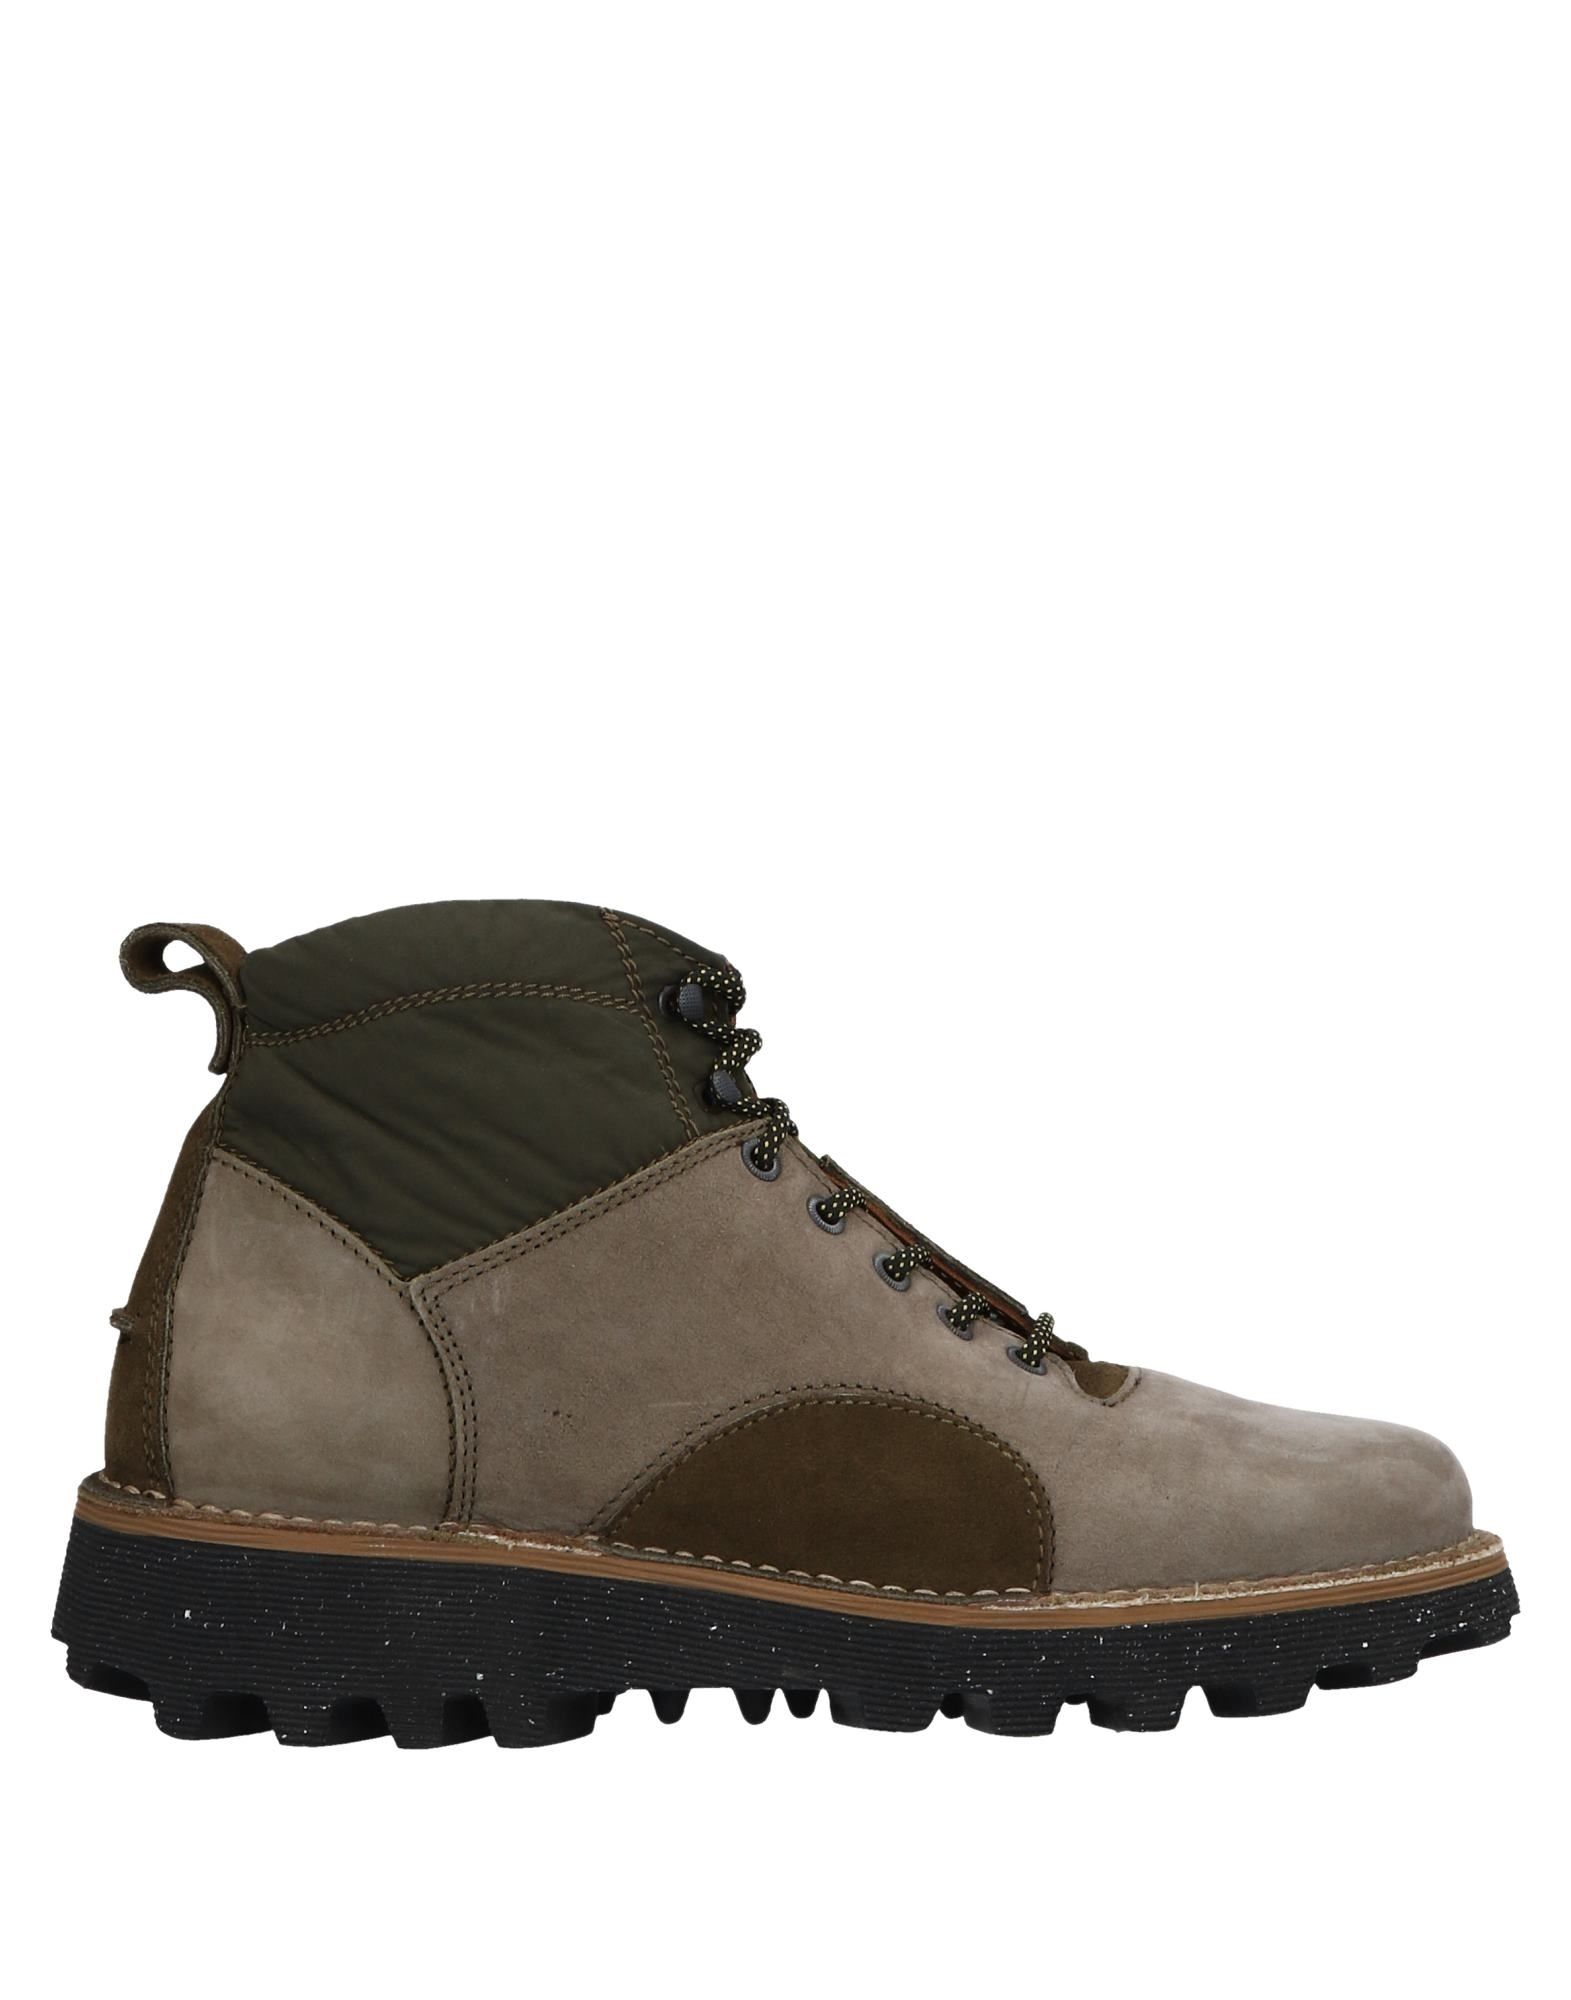 Barleycorn Stiefelette Herren  11516188CF Gute Qualität beliebte Schuhe